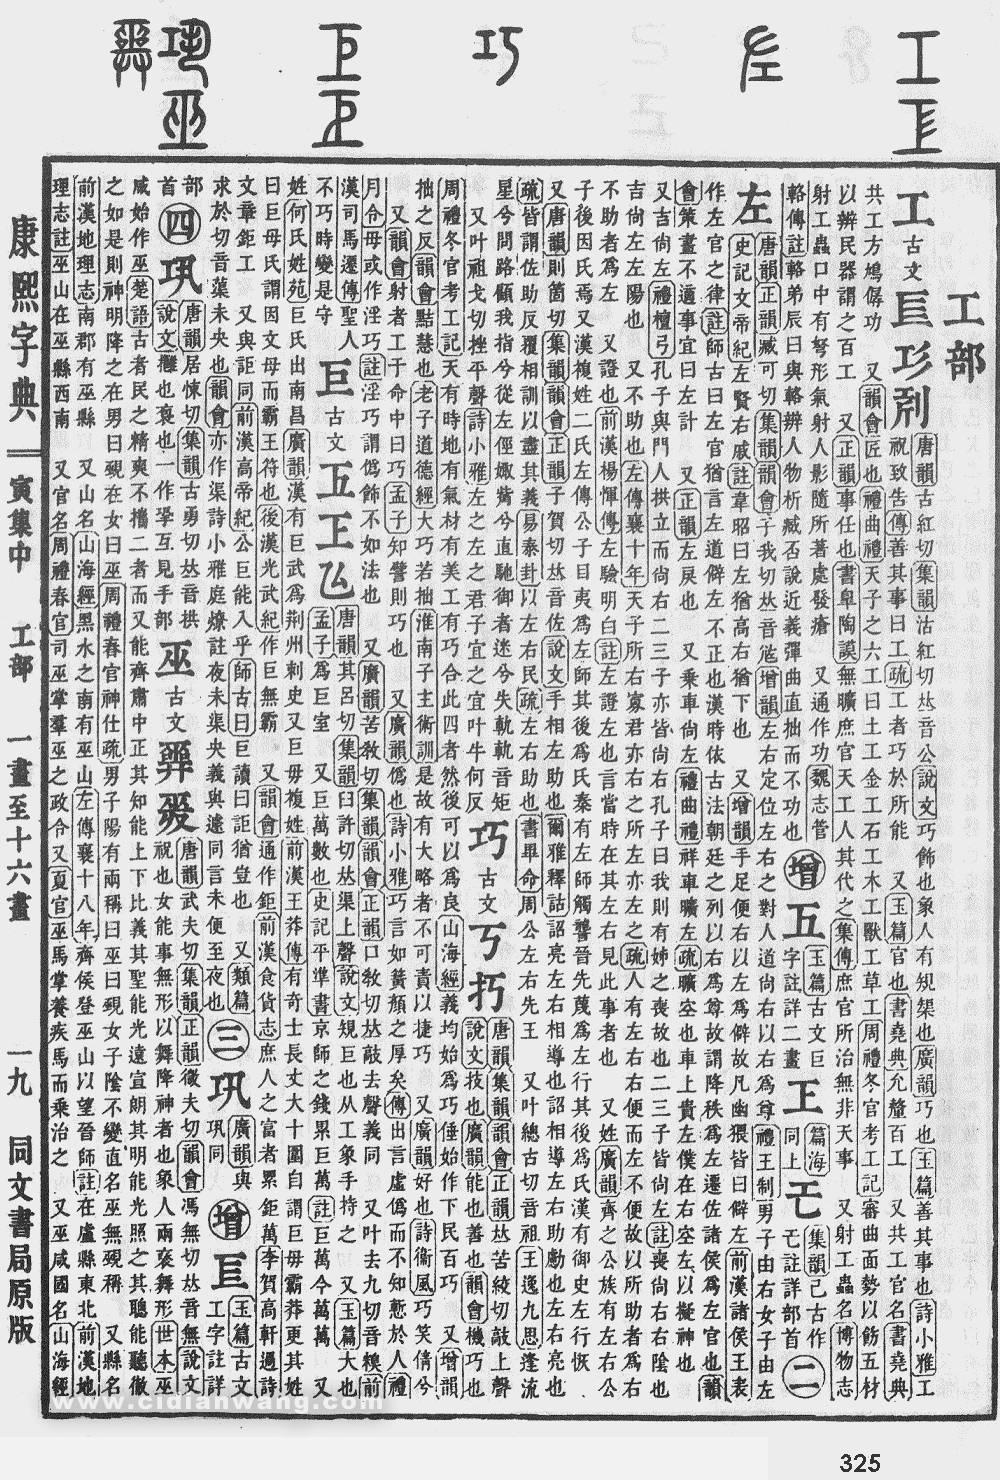 康熙字典图片